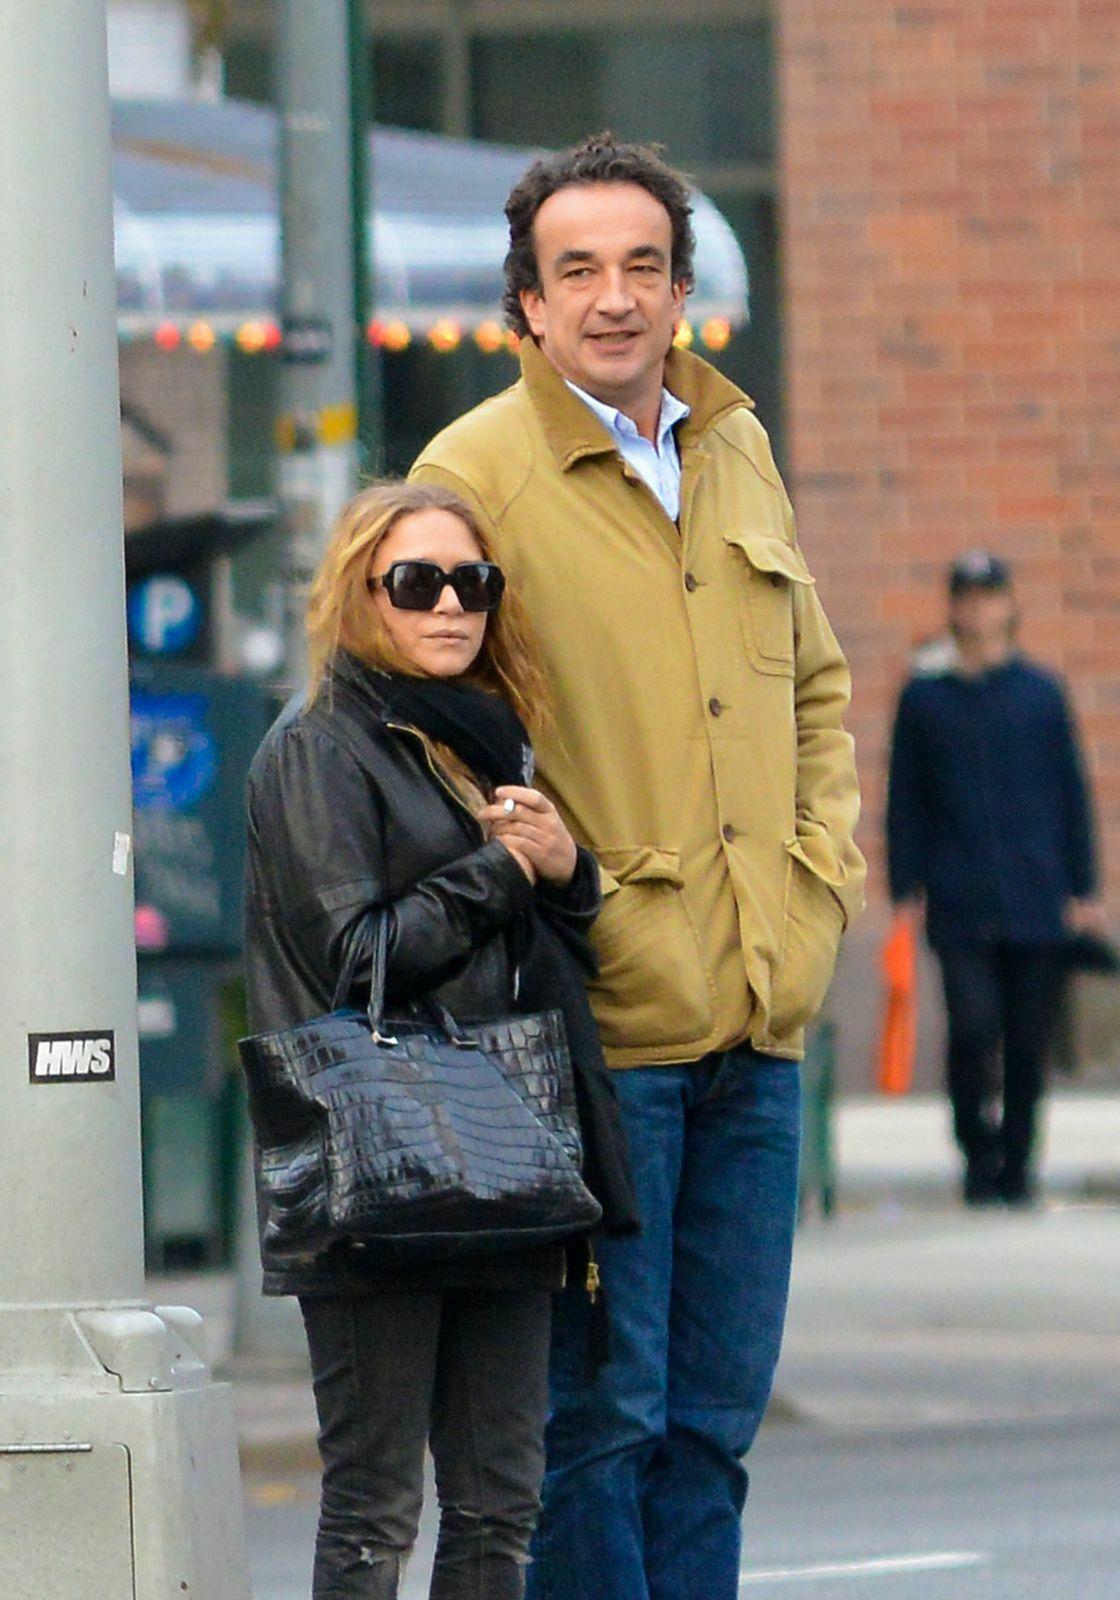 Olivier Sarkozy et Mary Kate Olsen se promenant dans les rues de New York le 18 novembre 2012